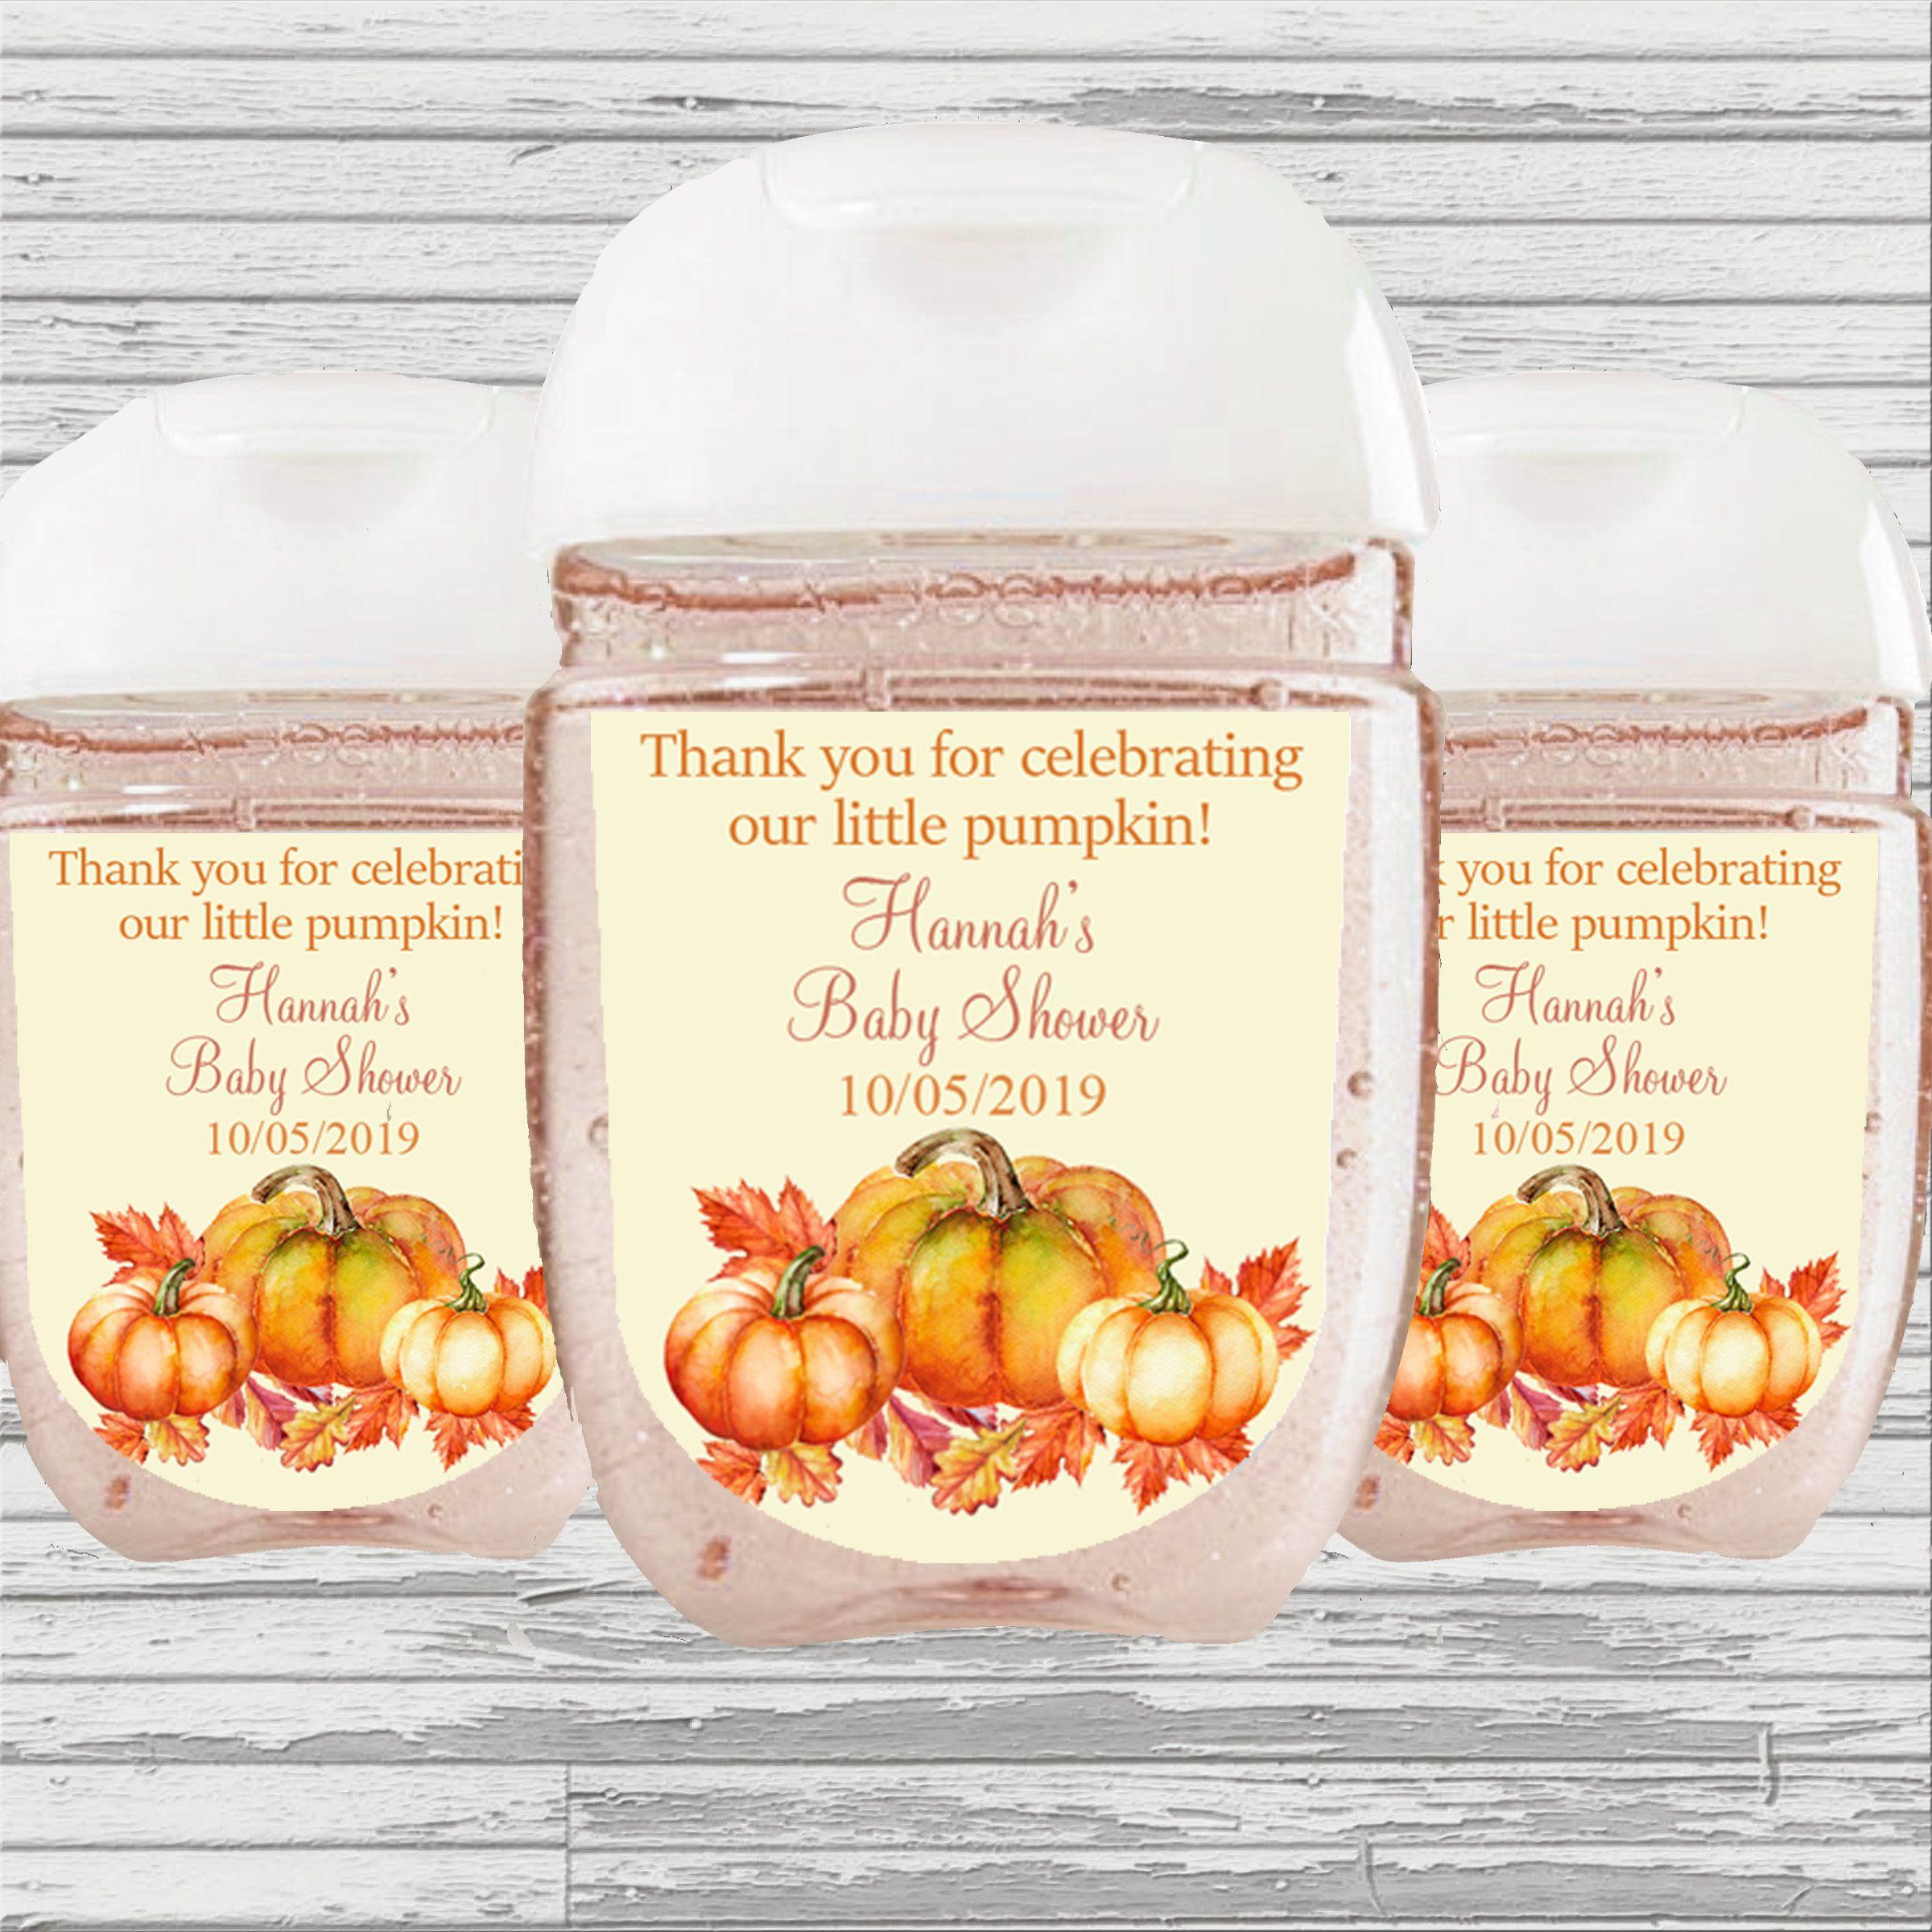 Equate Hand Sanitizer Dulce Pumpkin 3 Fl Oz Orange Hand